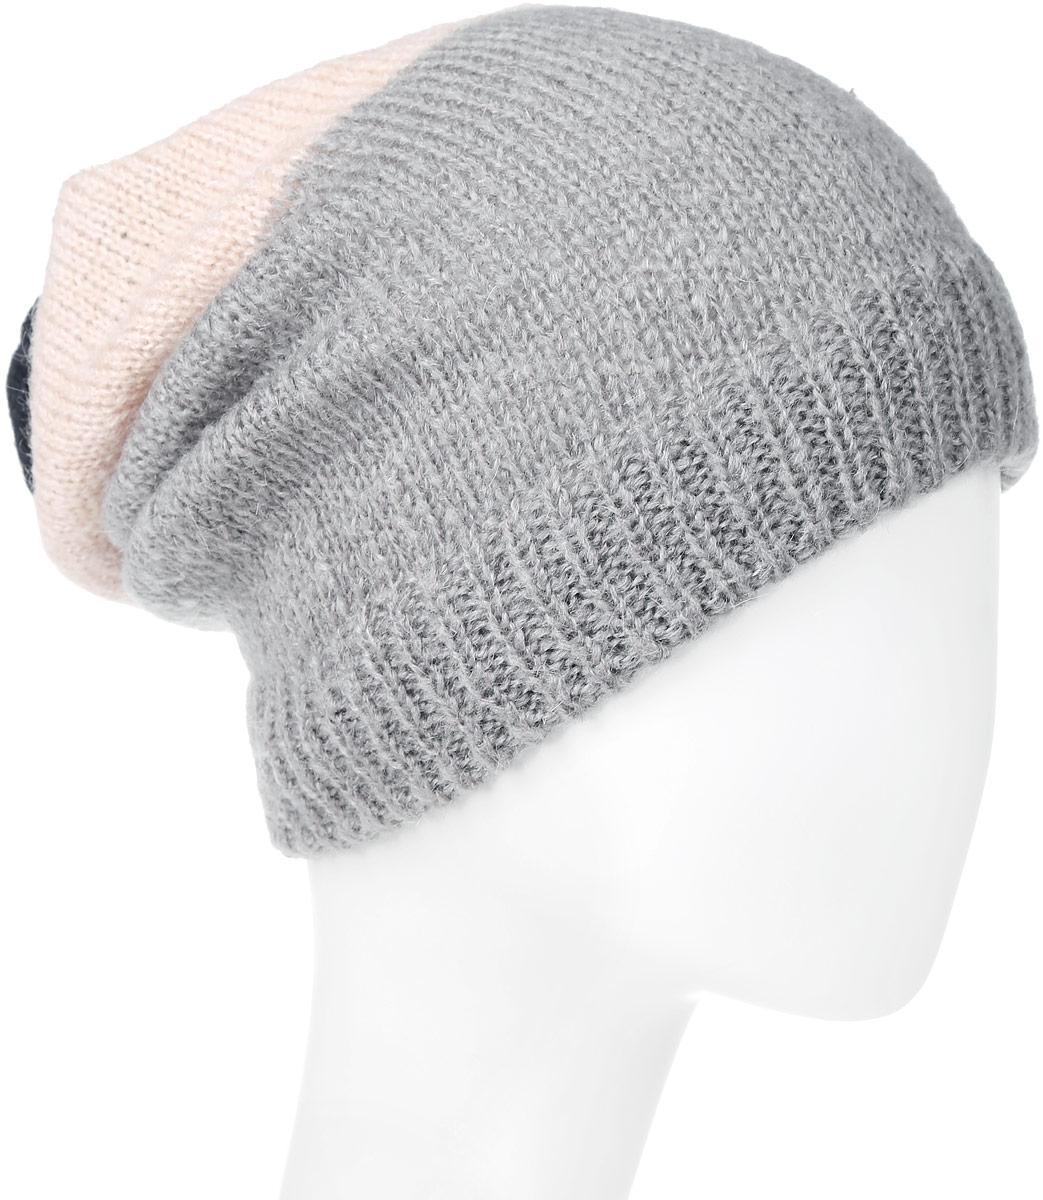 ШапкаW0M11UGRJЖенская шапка Wrangler выполнена из сочетания акрила, полиамида, мохера и шерсти. Модель оформлена мелкой вязкой контрастных цветов. По низу изделие дополнено вязаной резинкой. Уважаемые клиенты! Размер, доступный для заказа, является обхватом головы.